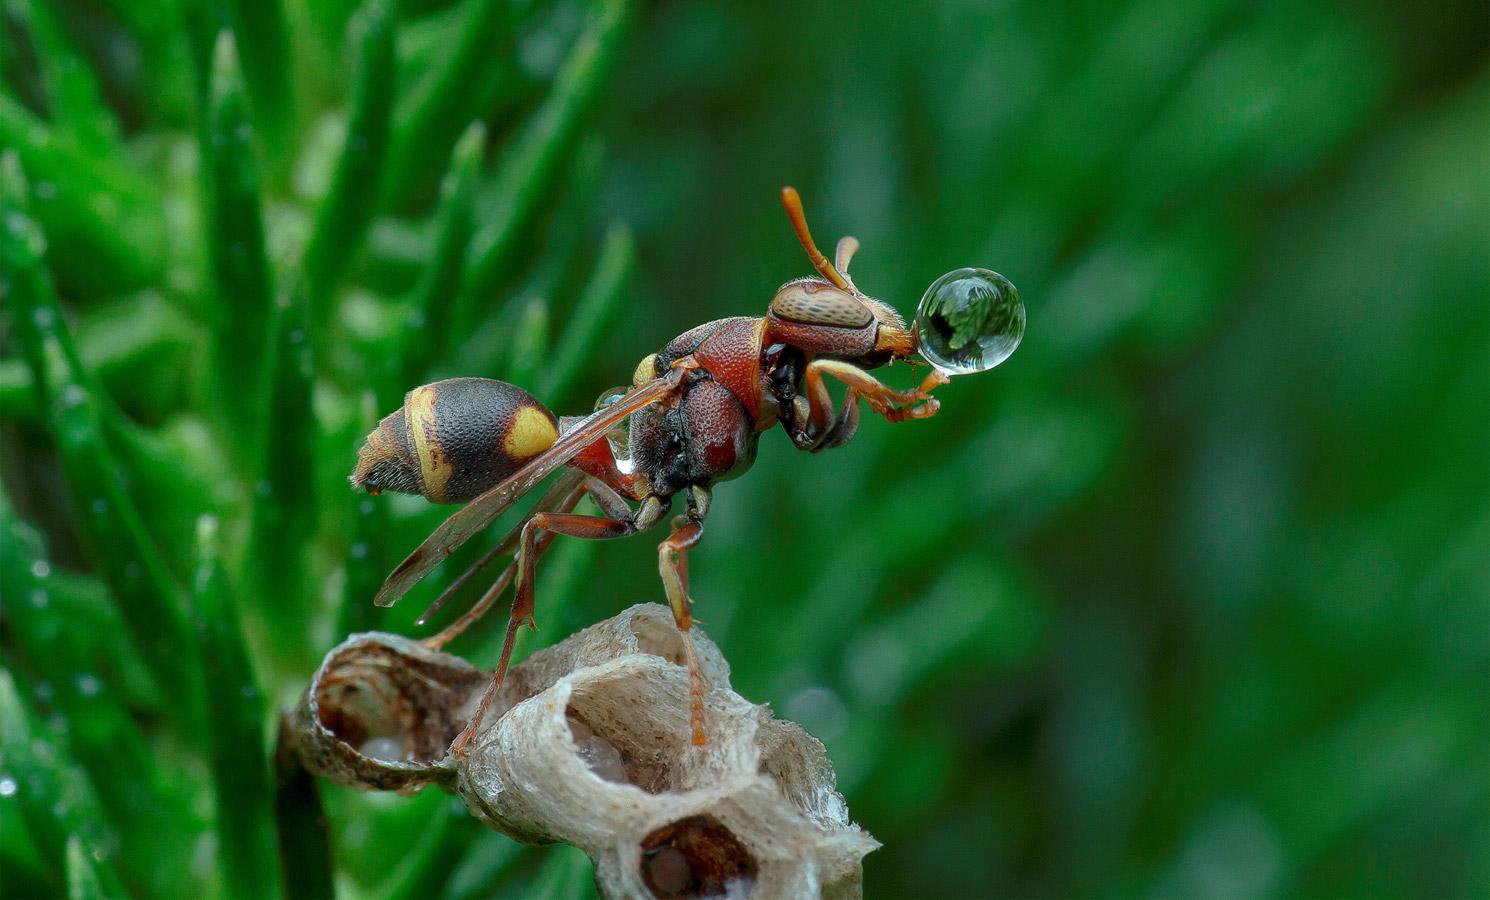 Оса, надувающая водный пузырь, © Лим Чу Хоу / Lim Choo How, Малайзия, 1 место в номинации «Макро», Фотоконкурс 35AWARDS — 100 Best Photos